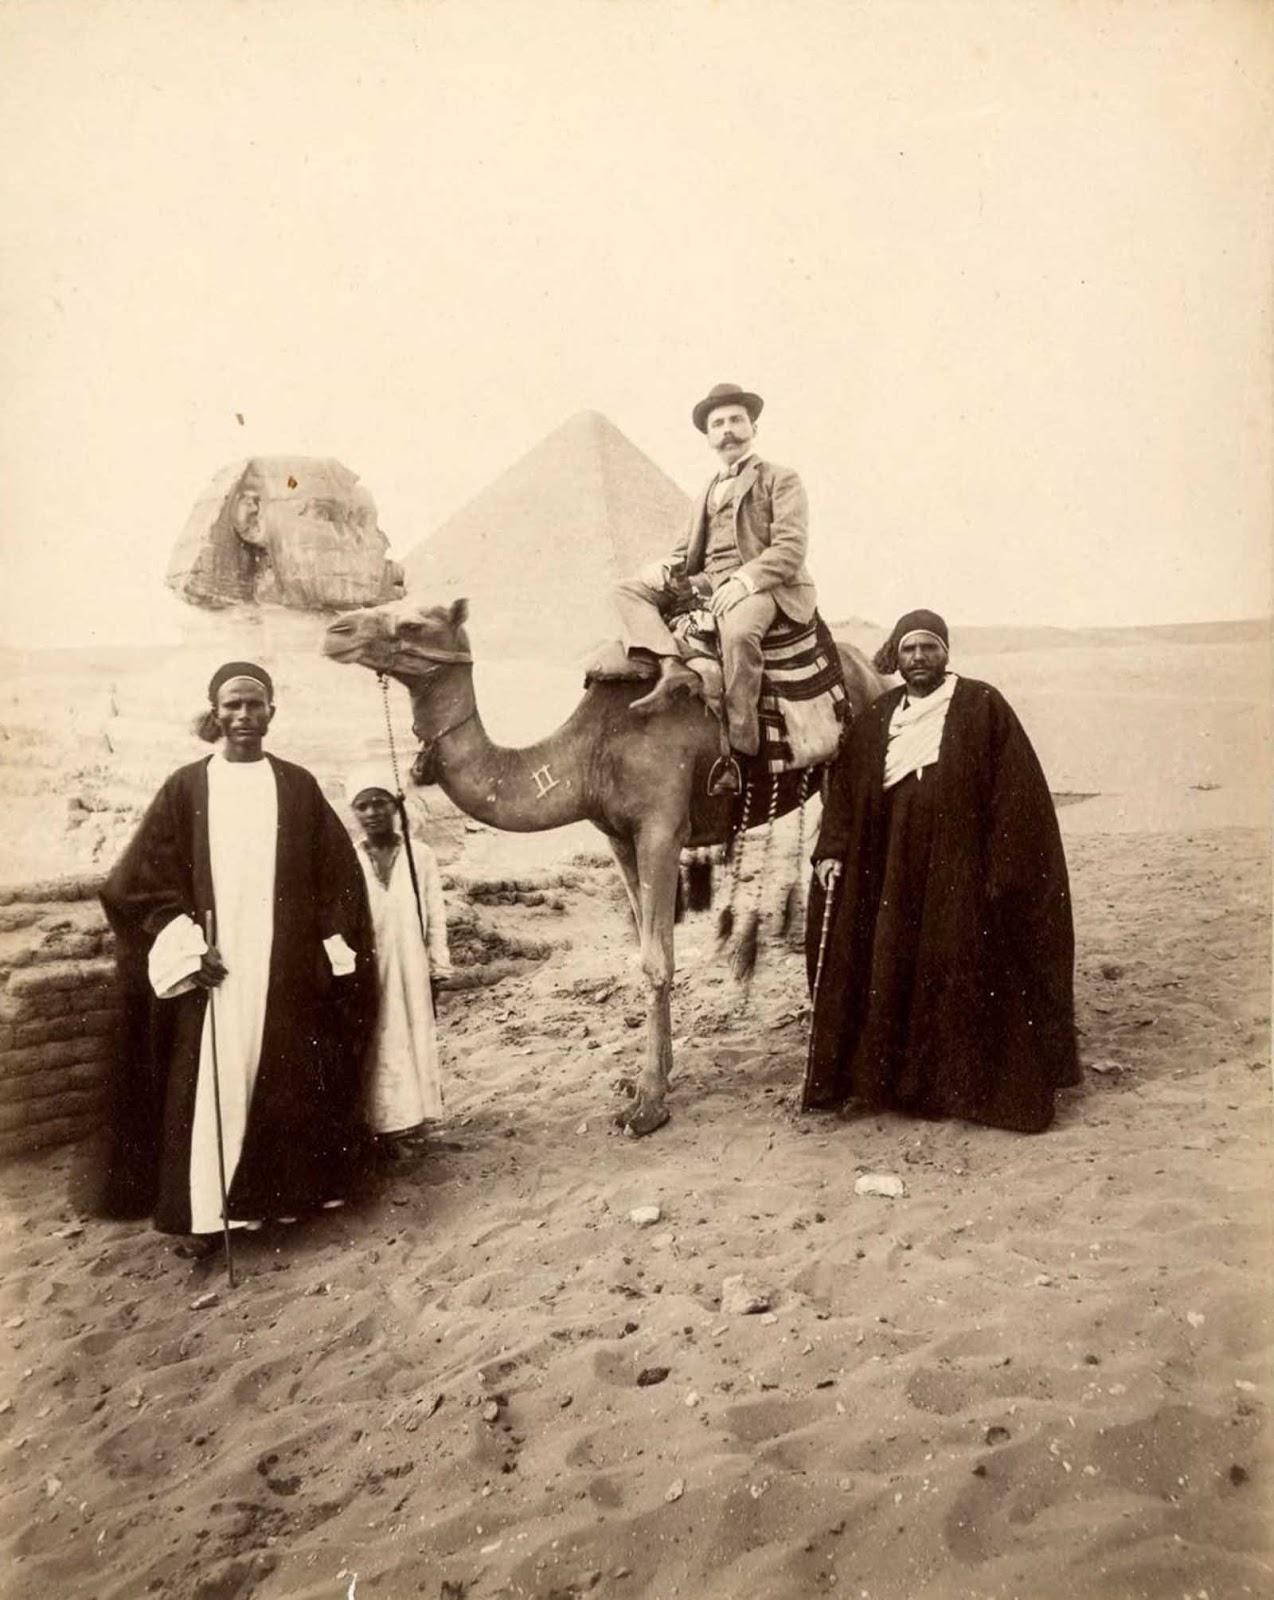 Turistas y guías con camello.